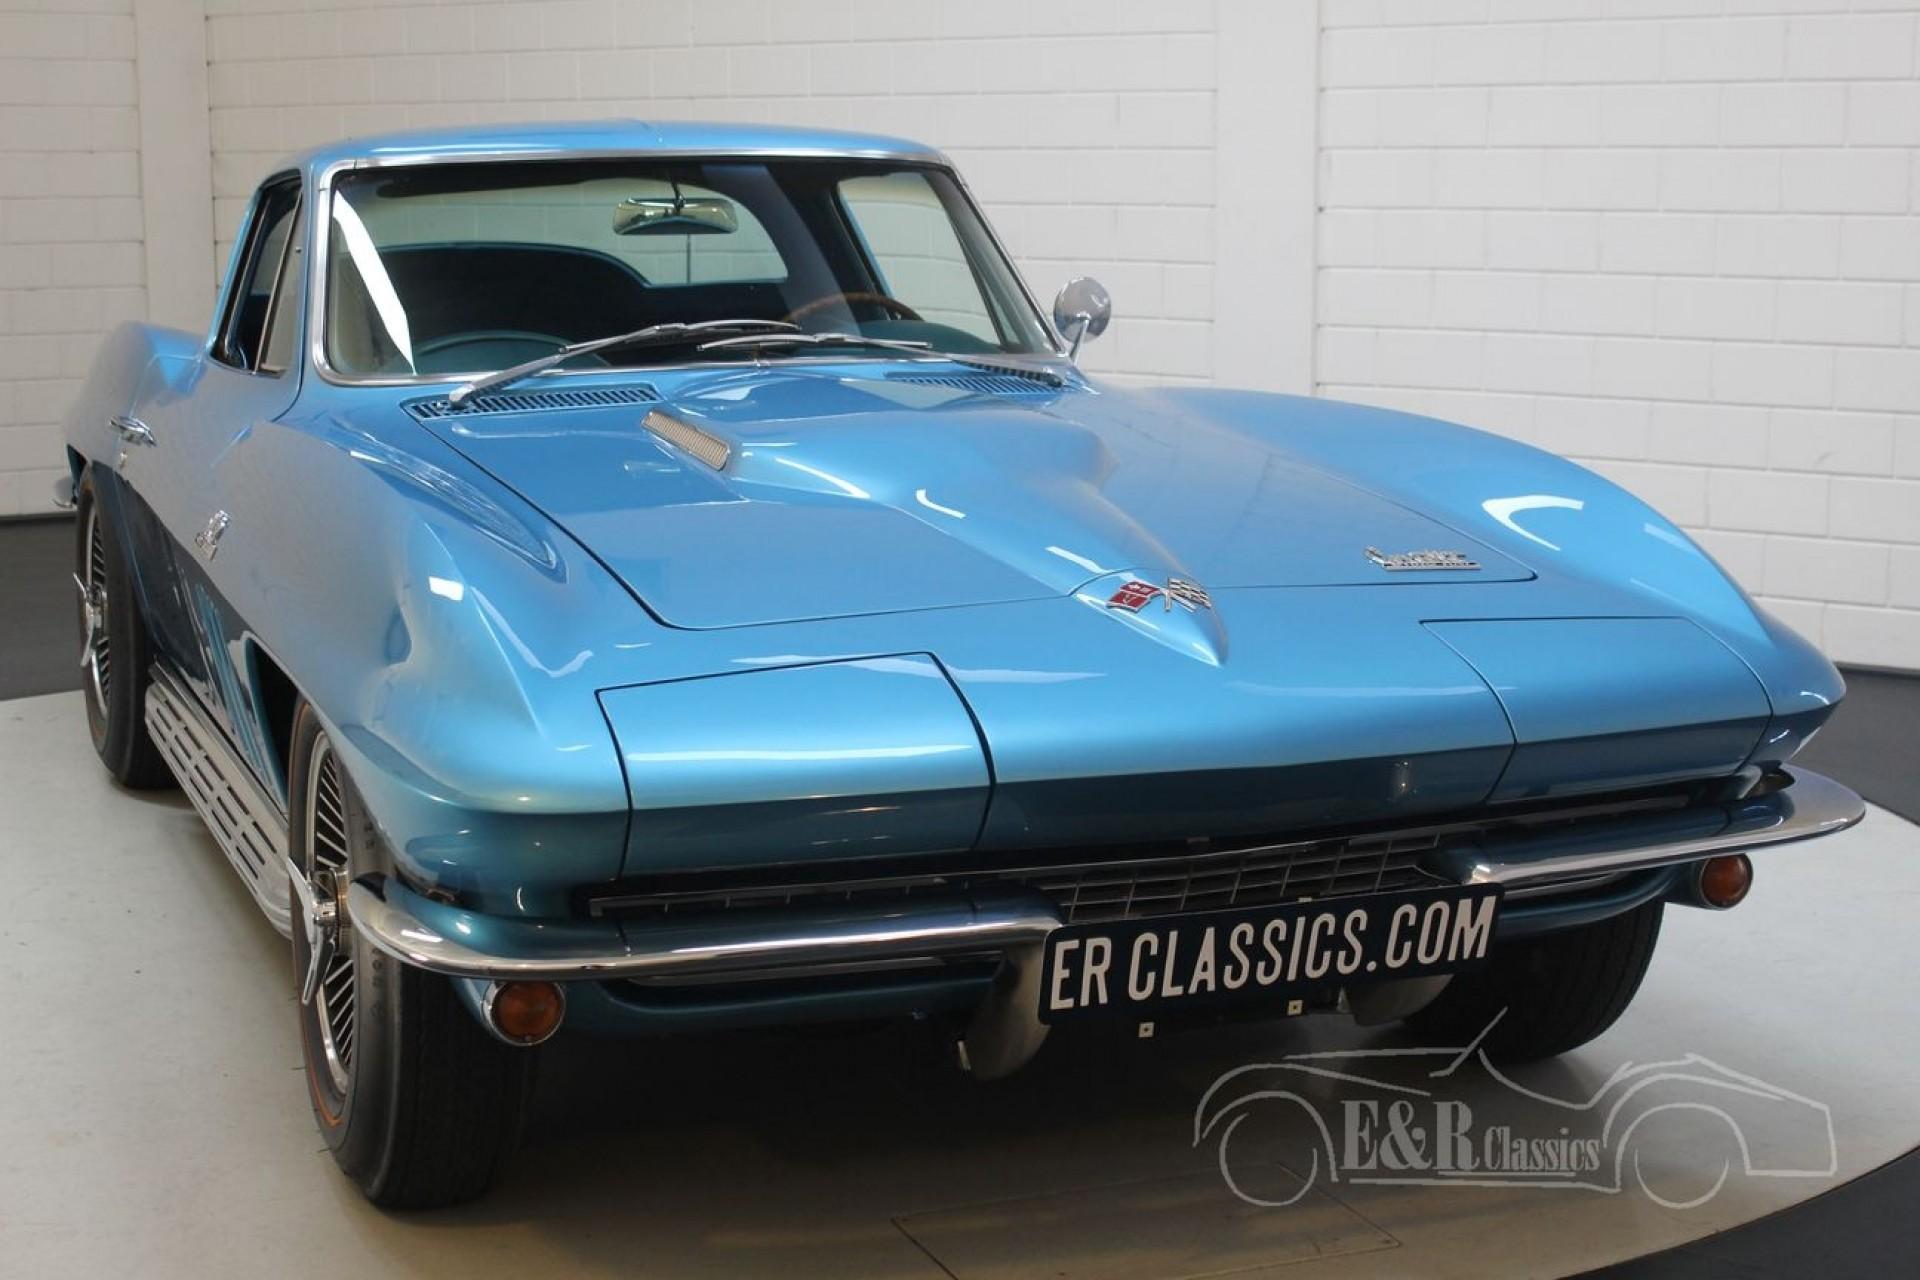 Chevrolet Corvette C2 1966 Zum Kauf Bei Erclassics